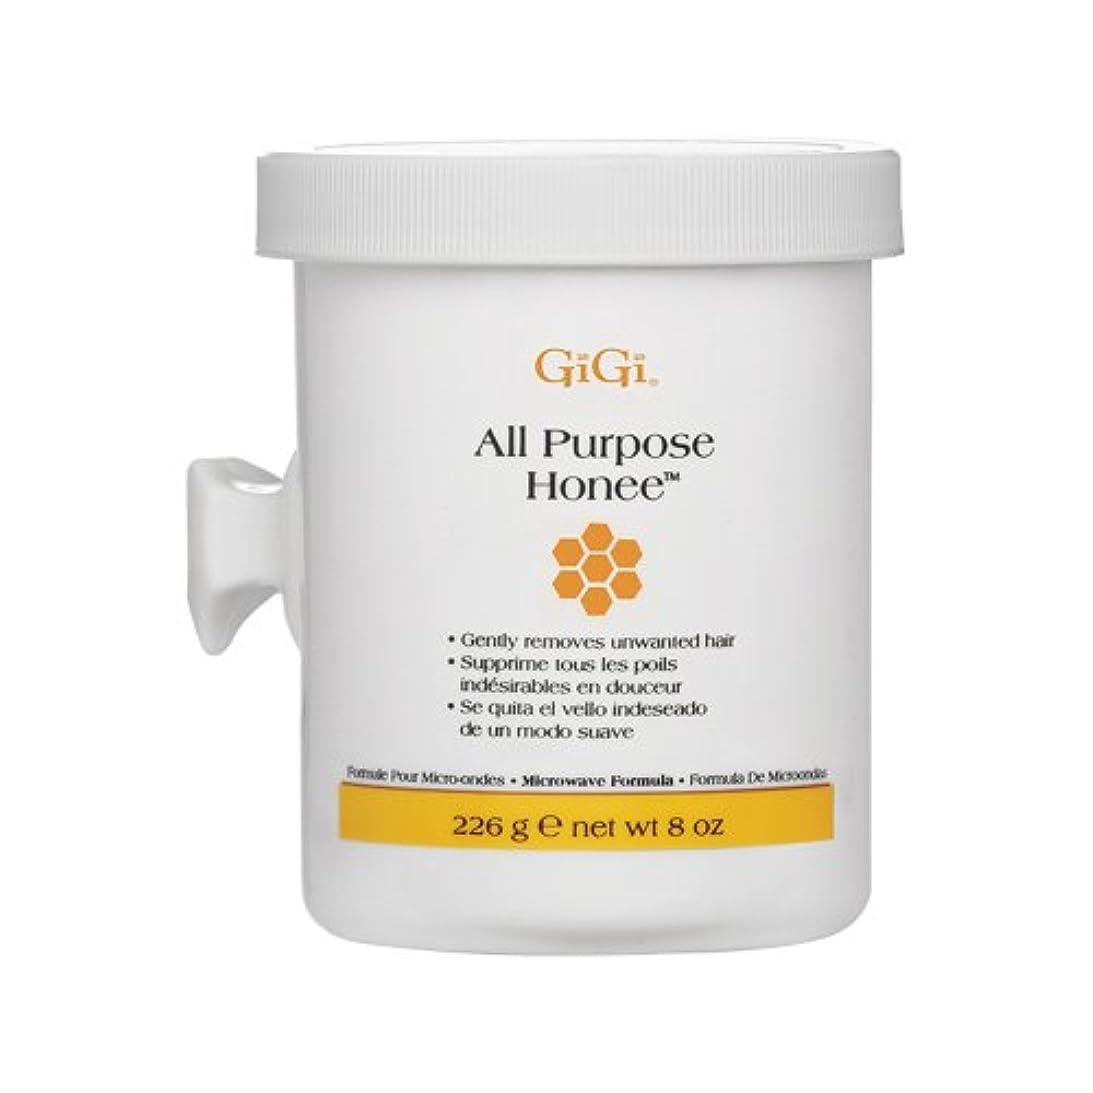 裏切り者ロックライトニングGiGi All Purpose Microwave Honee Wax 236 ml (並行輸入品)